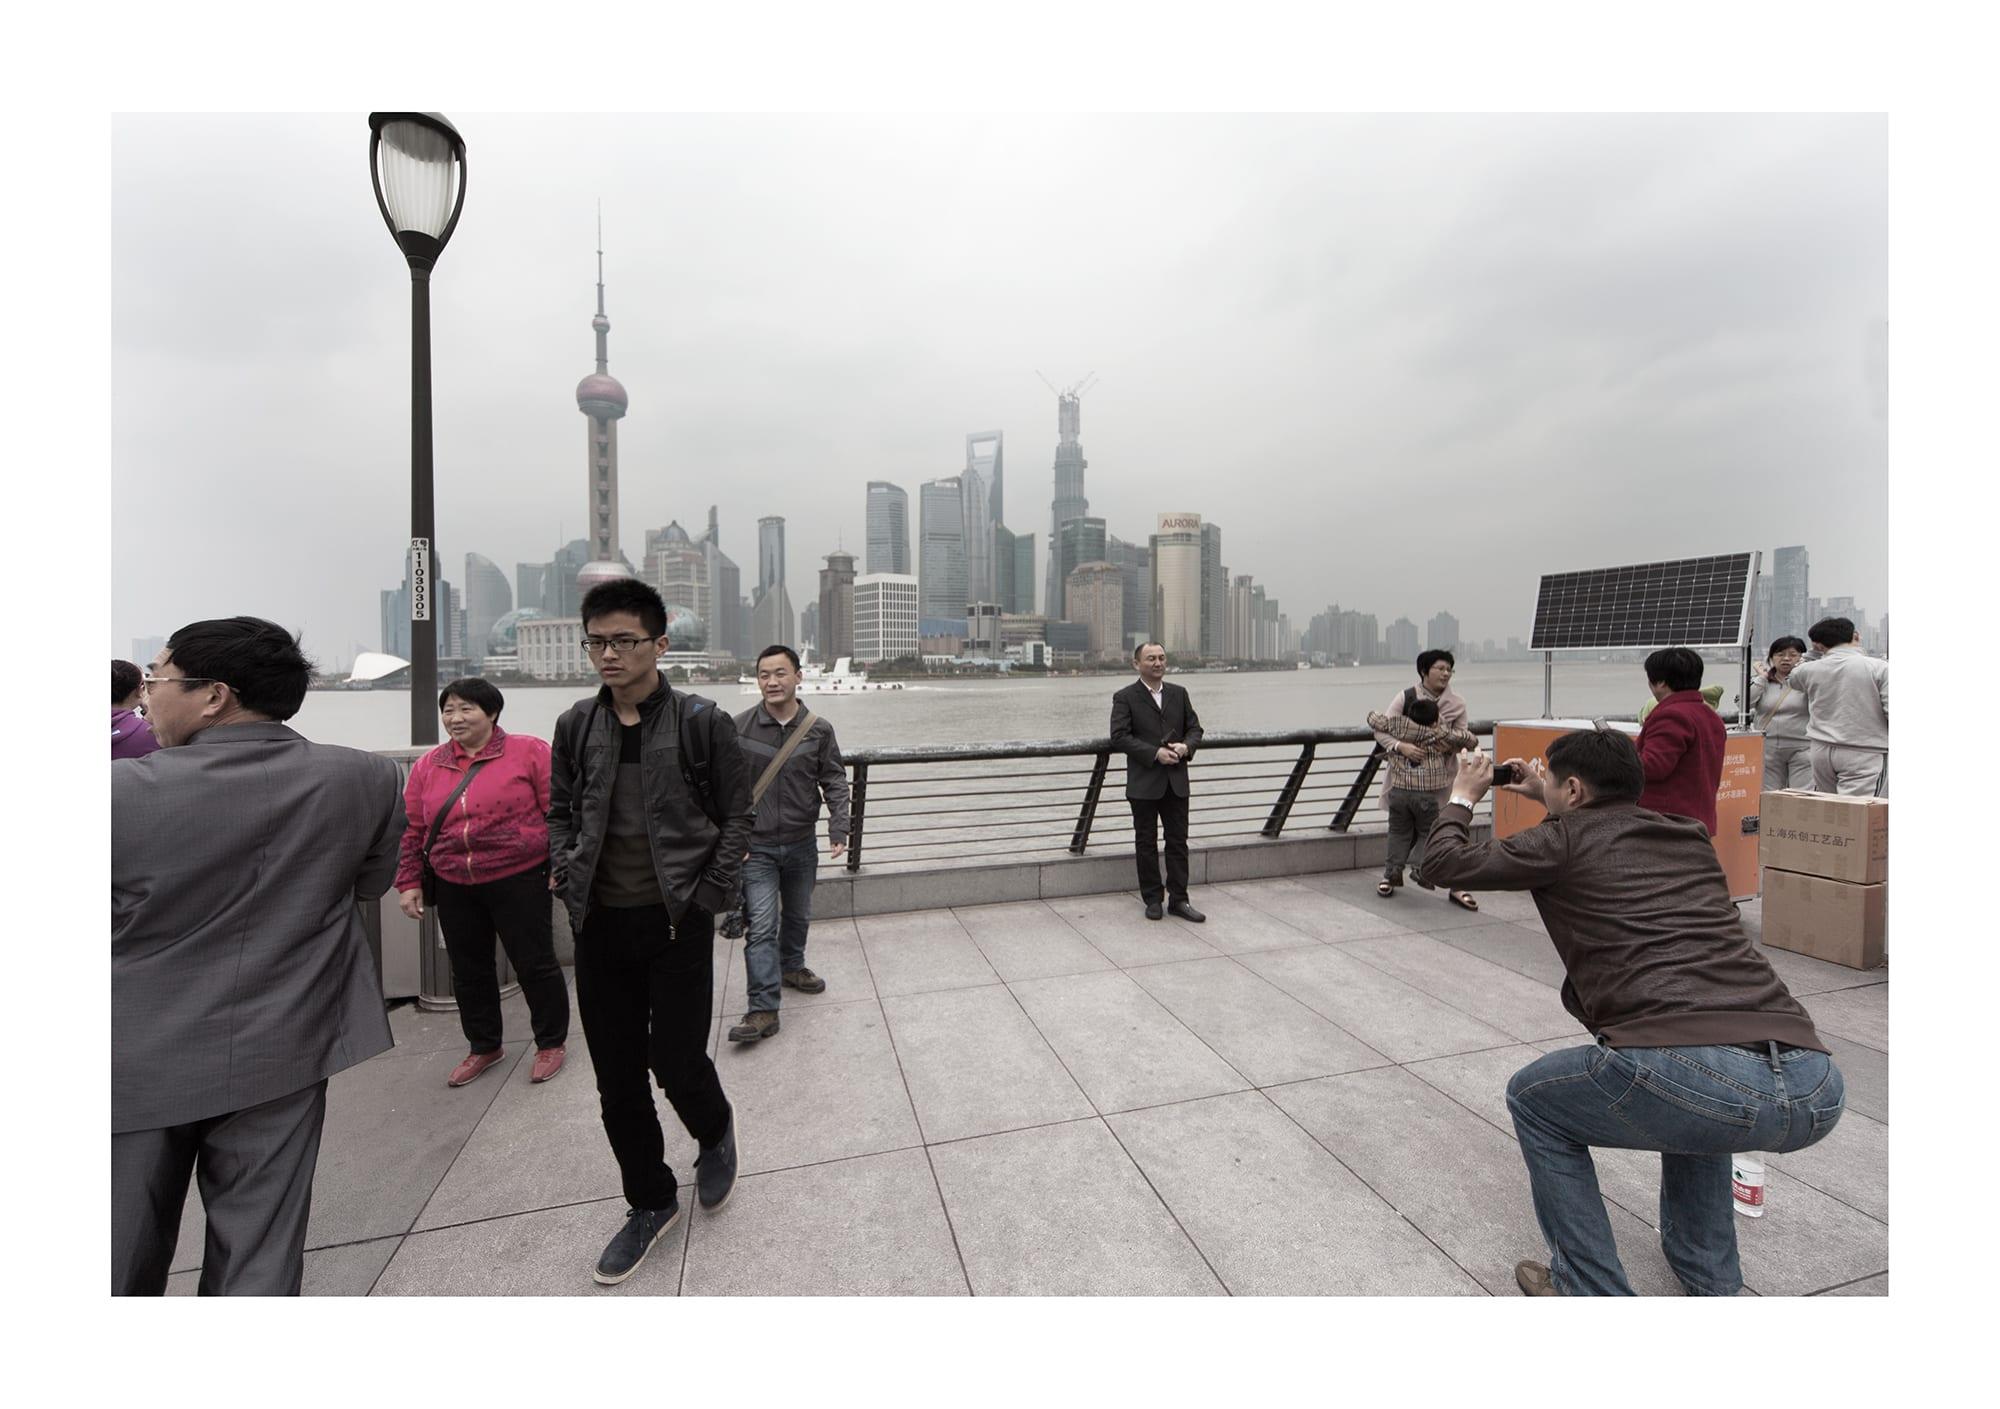 Gli scatti di Virgilio Fidanza all'8^ edizione del PhotoFestival